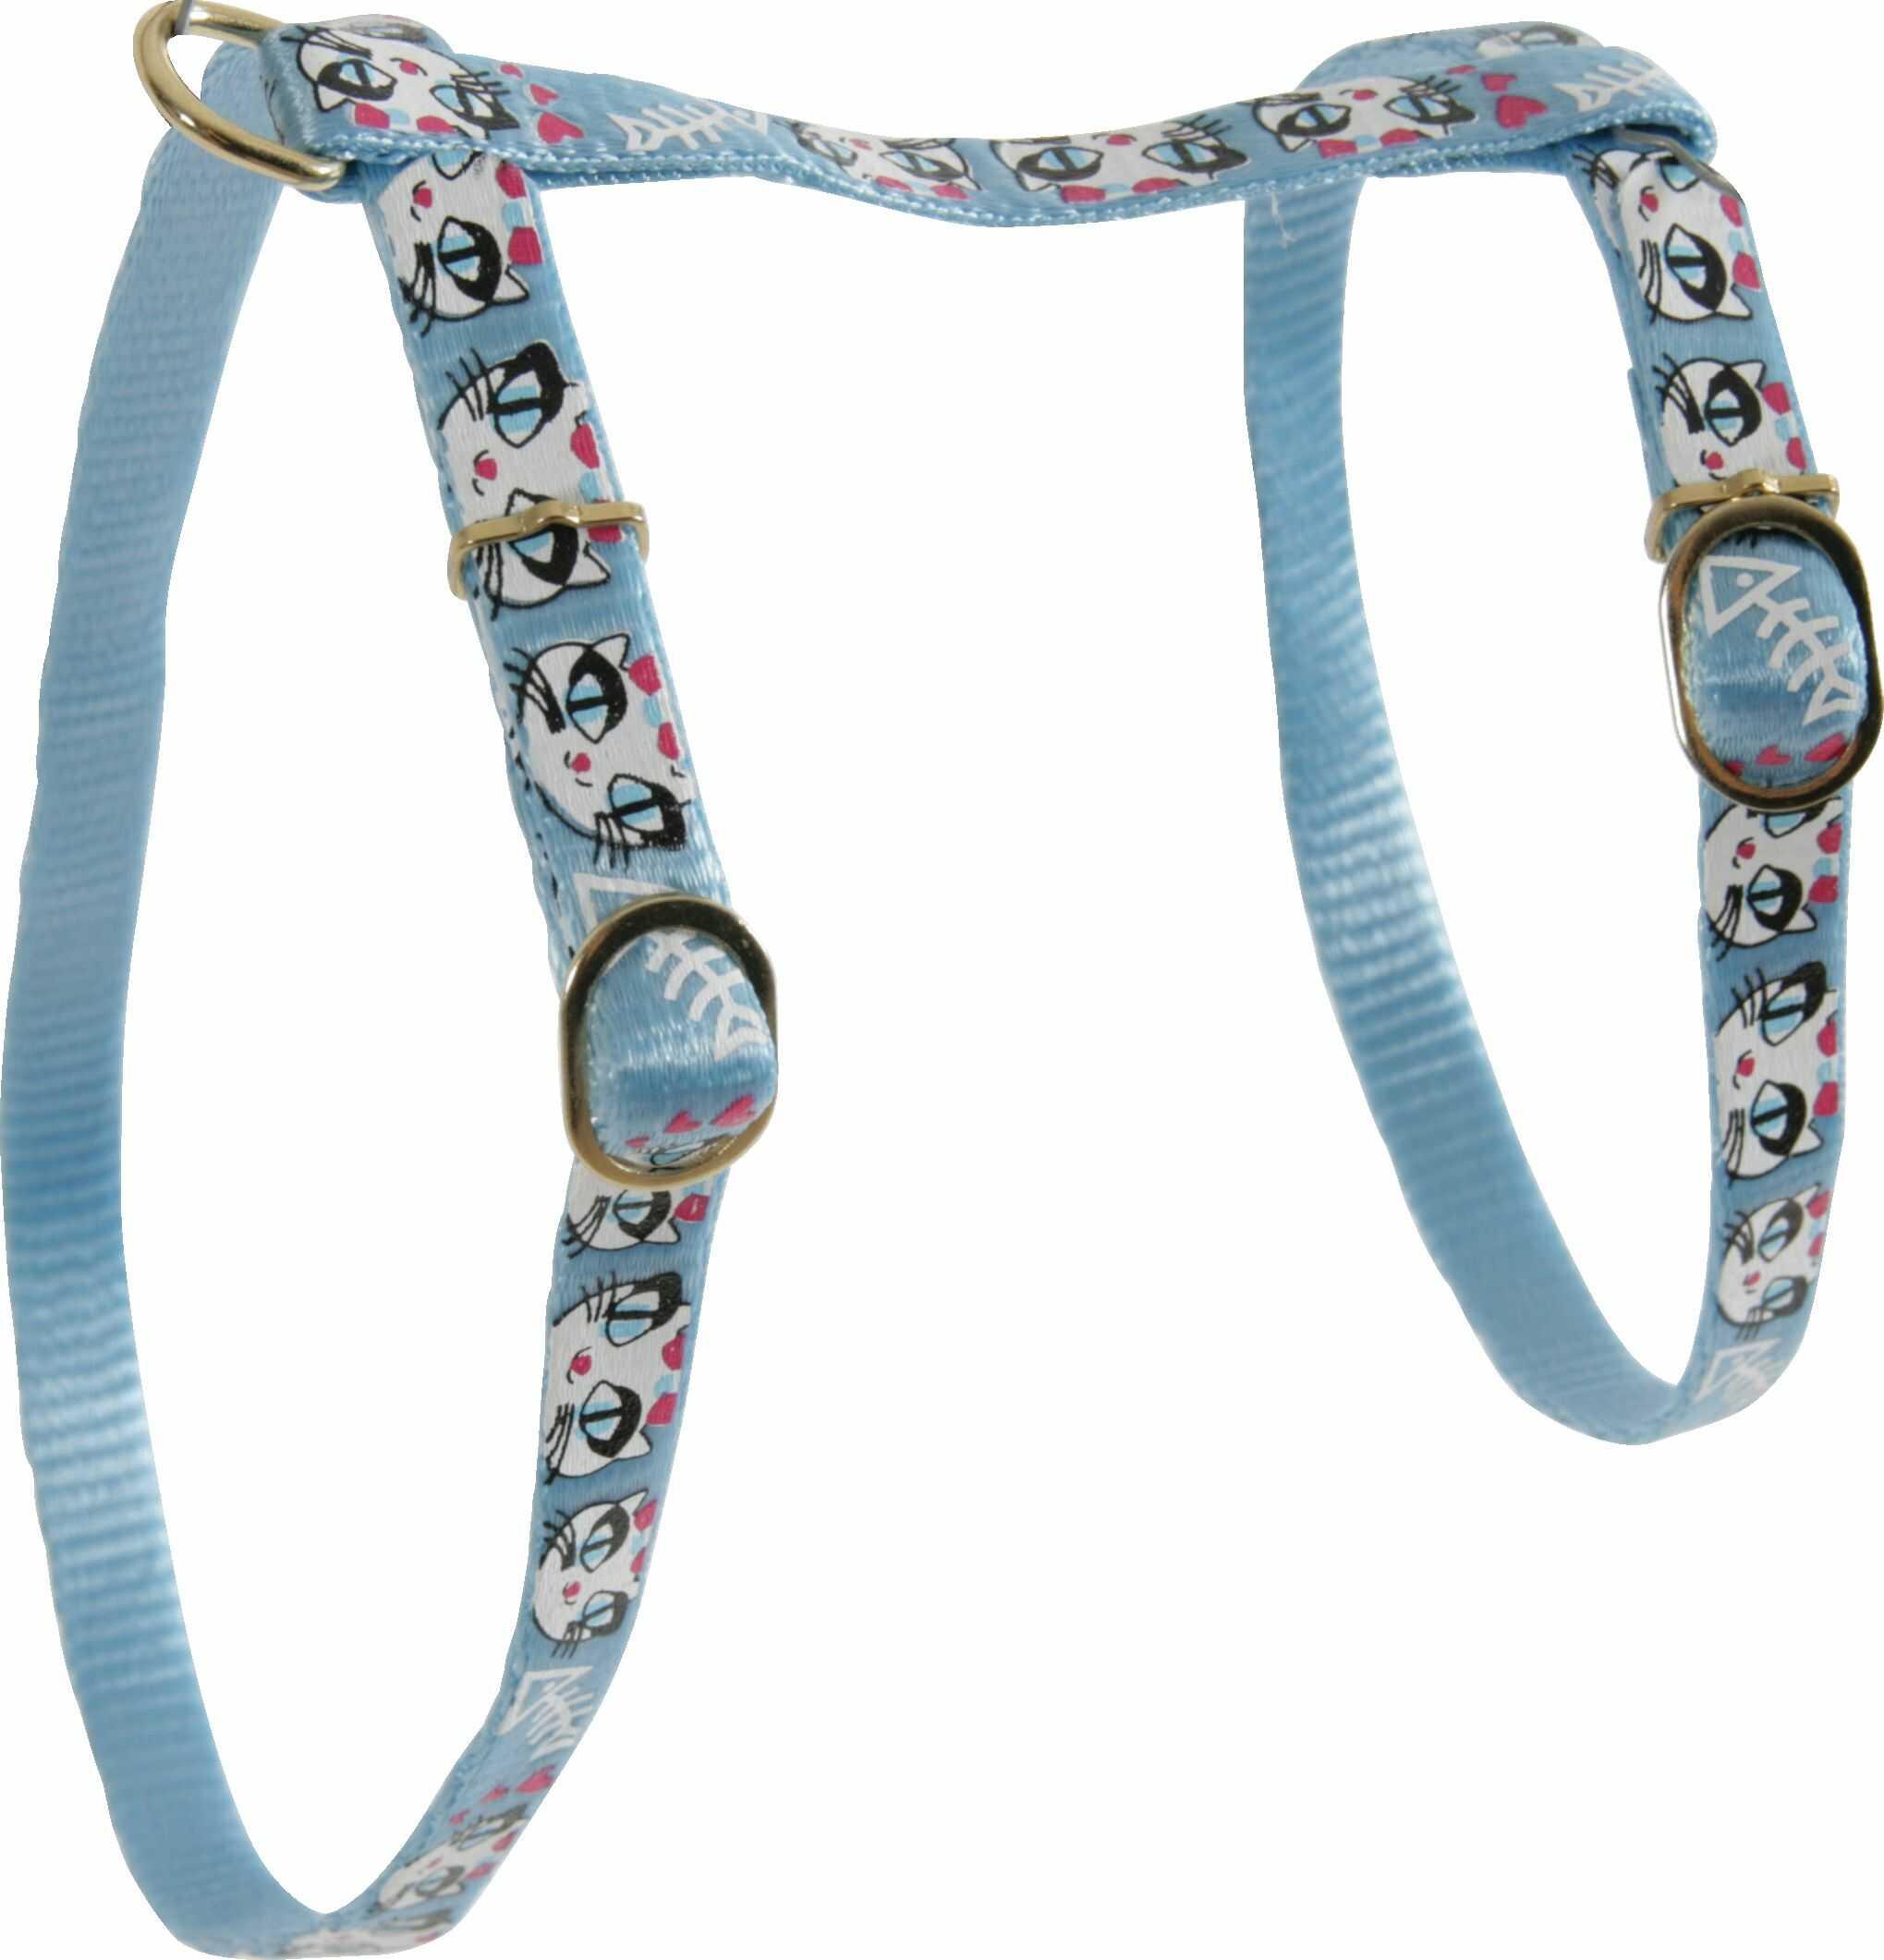 Zolux Szelki nylonowe dla kota Ladycat 10 mm kol. niebieski